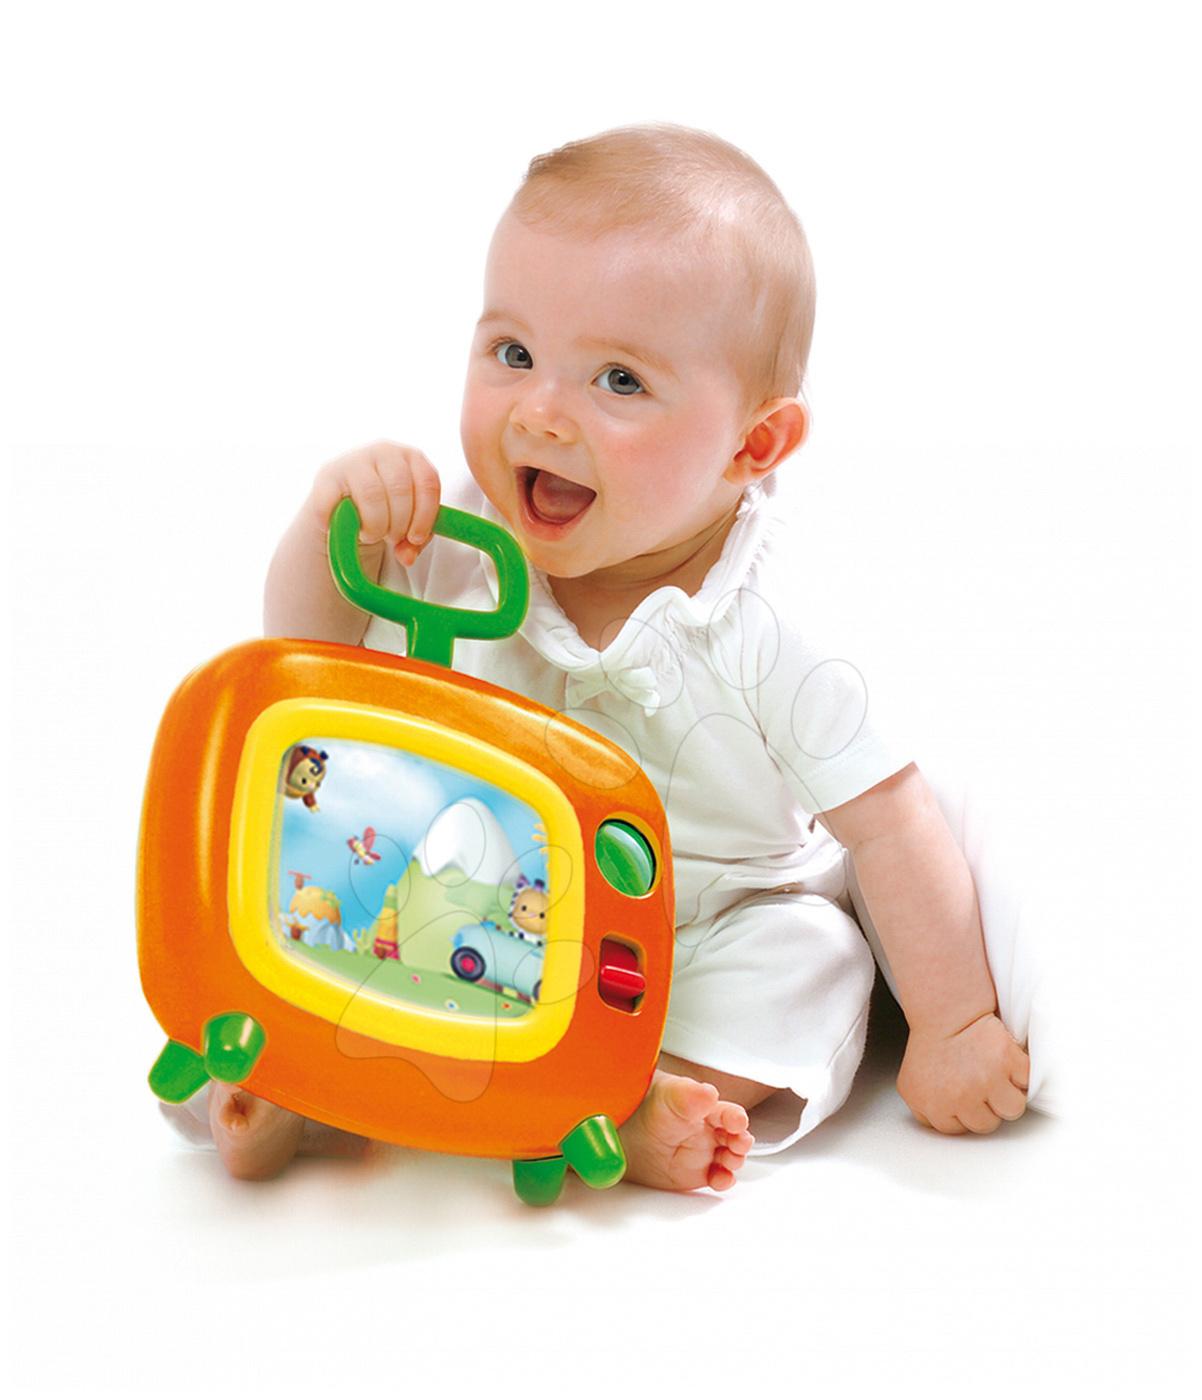 Televizor Cotoons Smoby s hudbou pro kojence zeleno-oranžový od 6 měsíců